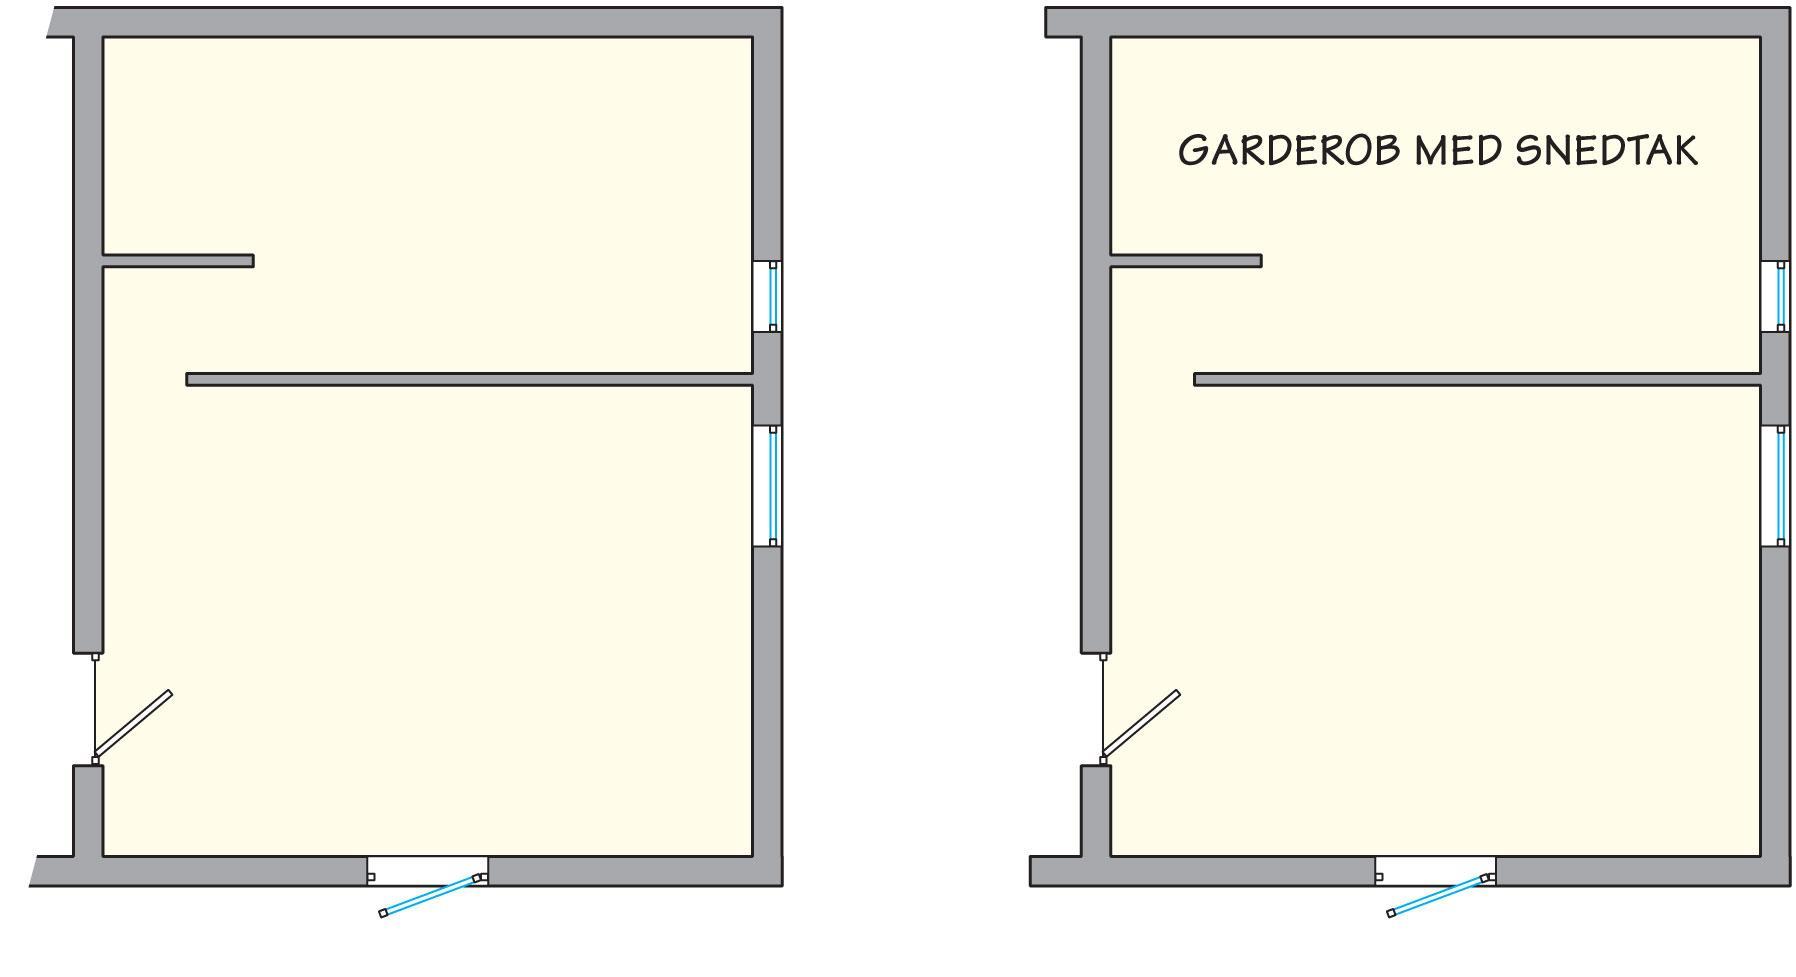 Bygga Garderob Snedtak Garderob Mtt Bara Mia B Hylla Under Snedtak Med Vikdrrar Objektnr